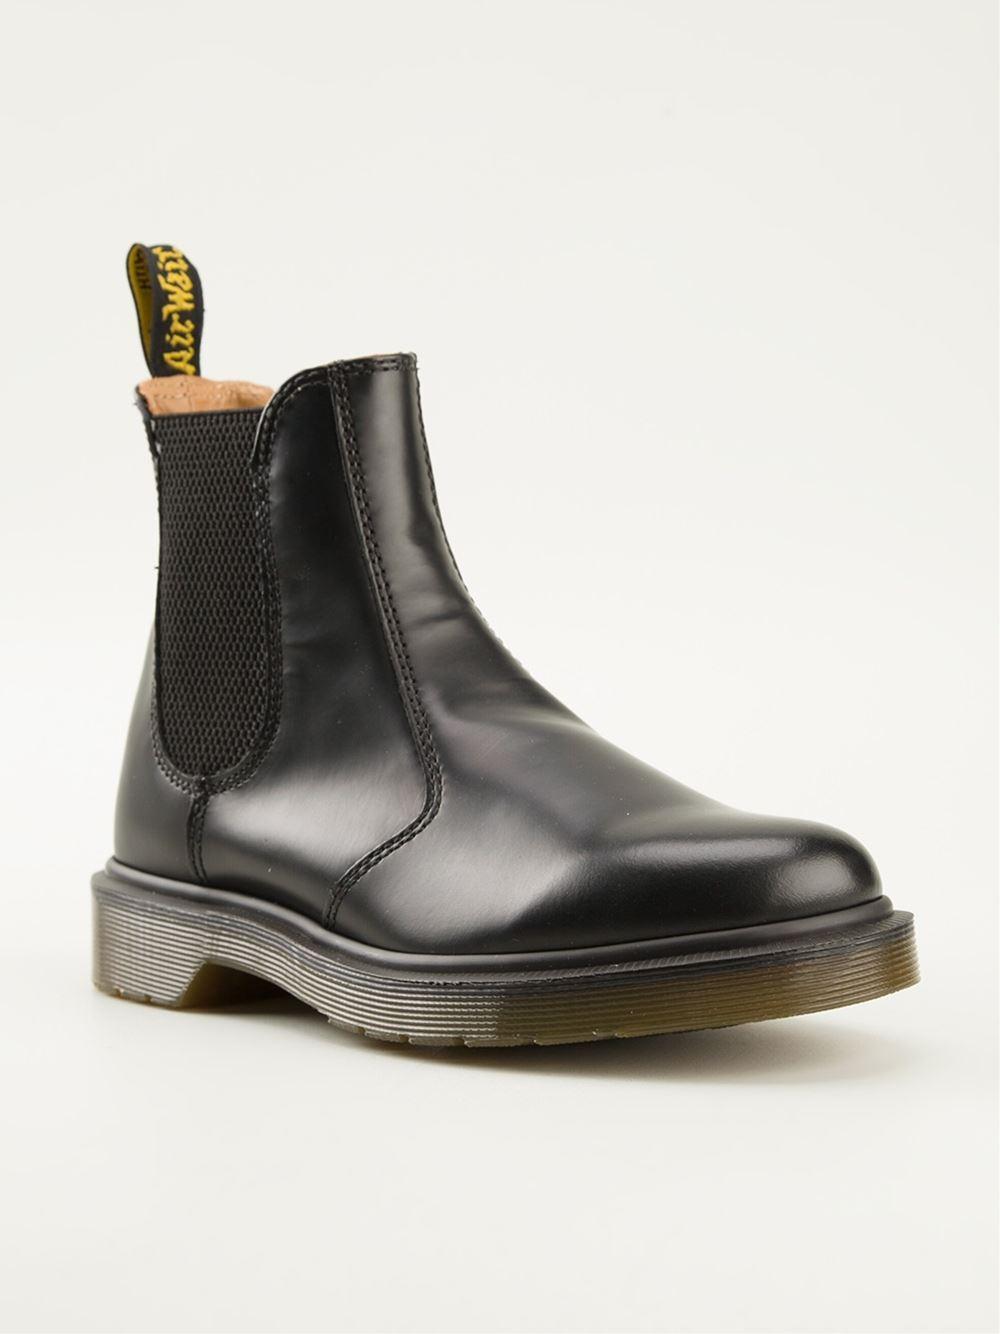 dr martens 39 2976 39 chelsea boots in black lyst. Black Bedroom Furniture Sets. Home Design Ideas